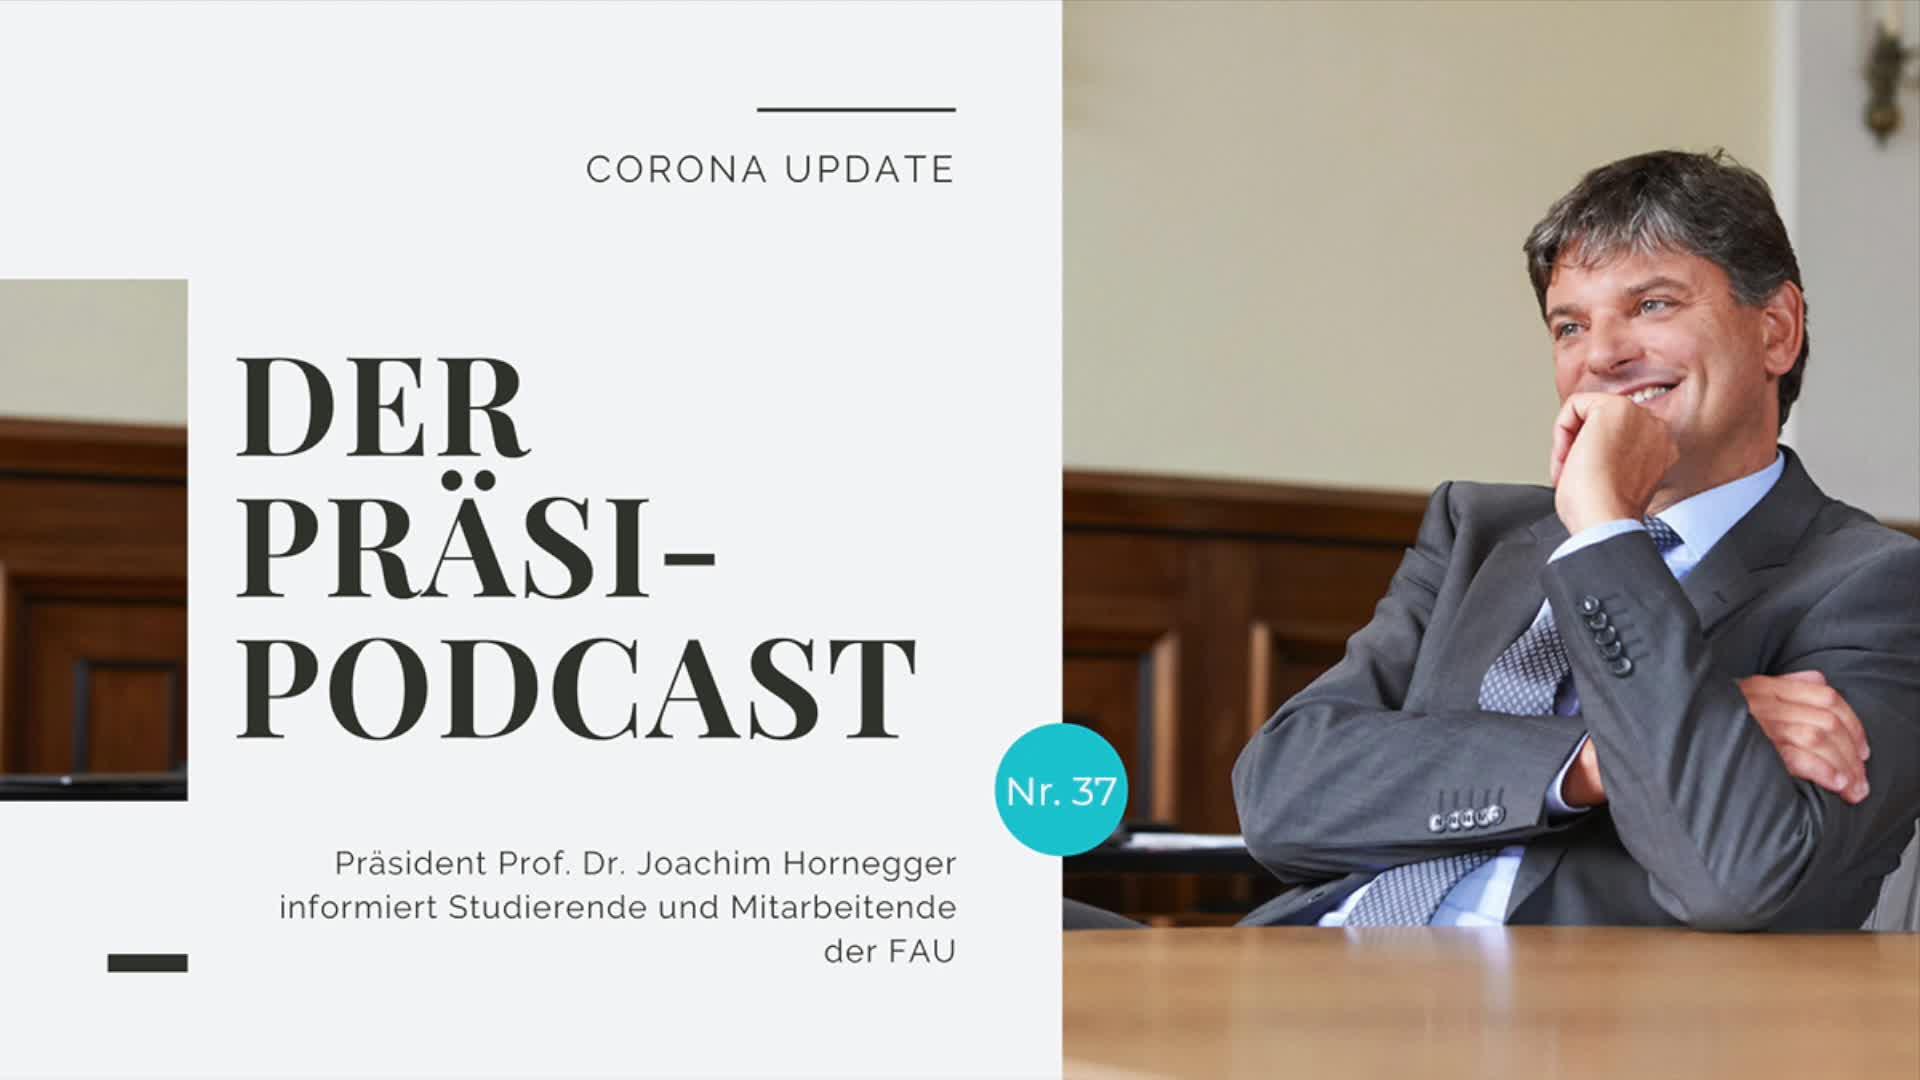 """""""Der Präsi-Podcast"""" vom 21. Januar 2021 preview image"""